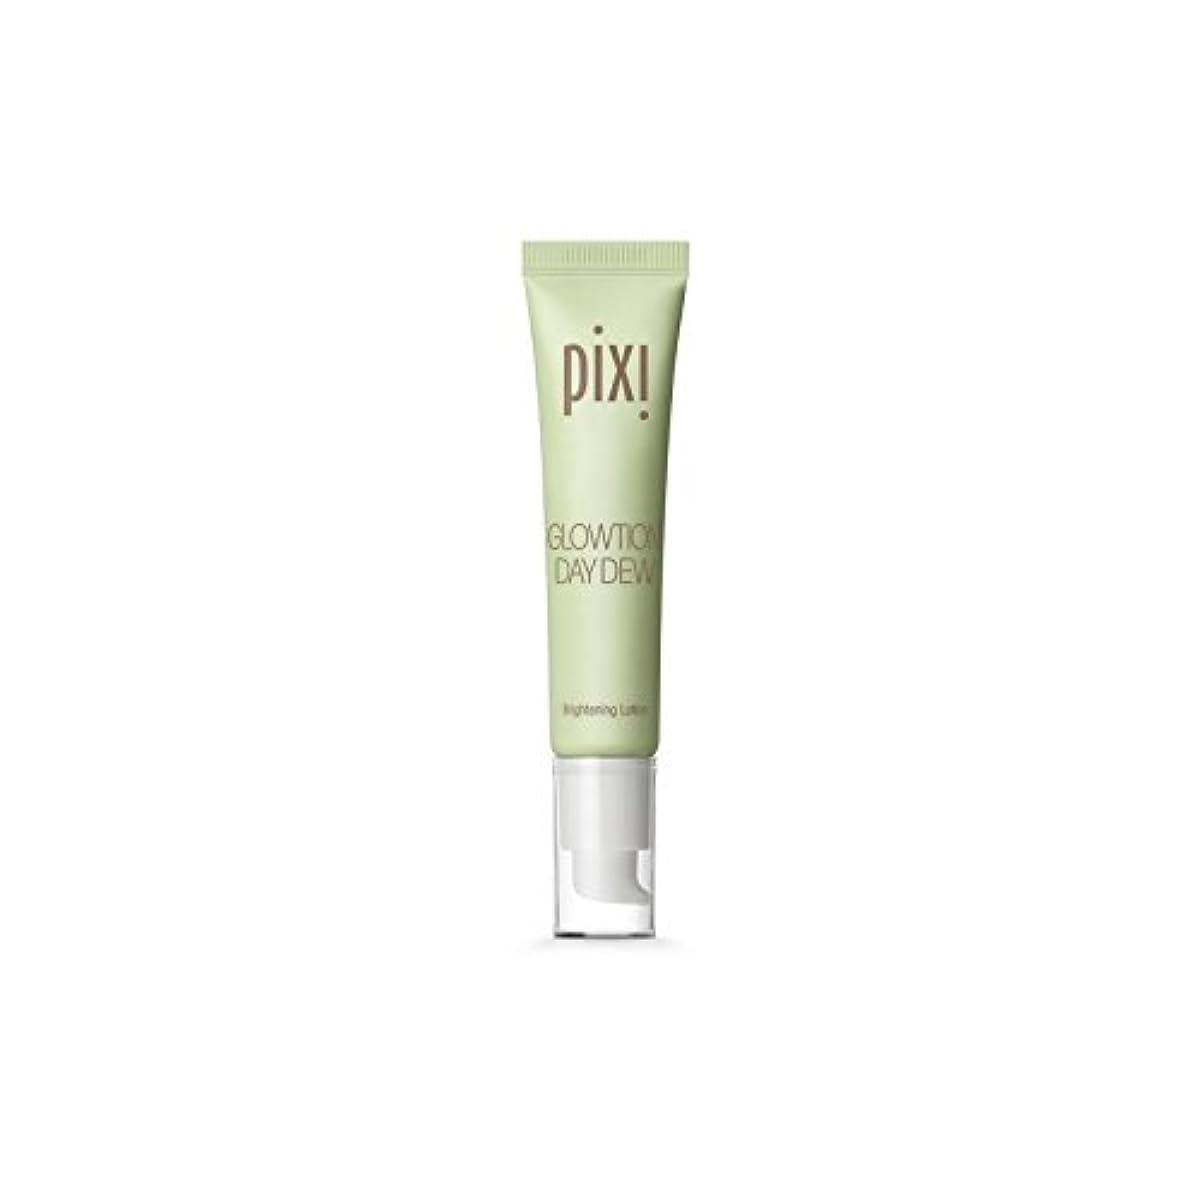 居住者メドレーローズ日露 x4 - Pixi Pixi Glowtion Day Dew (Pack of 4) [並行輸入品]